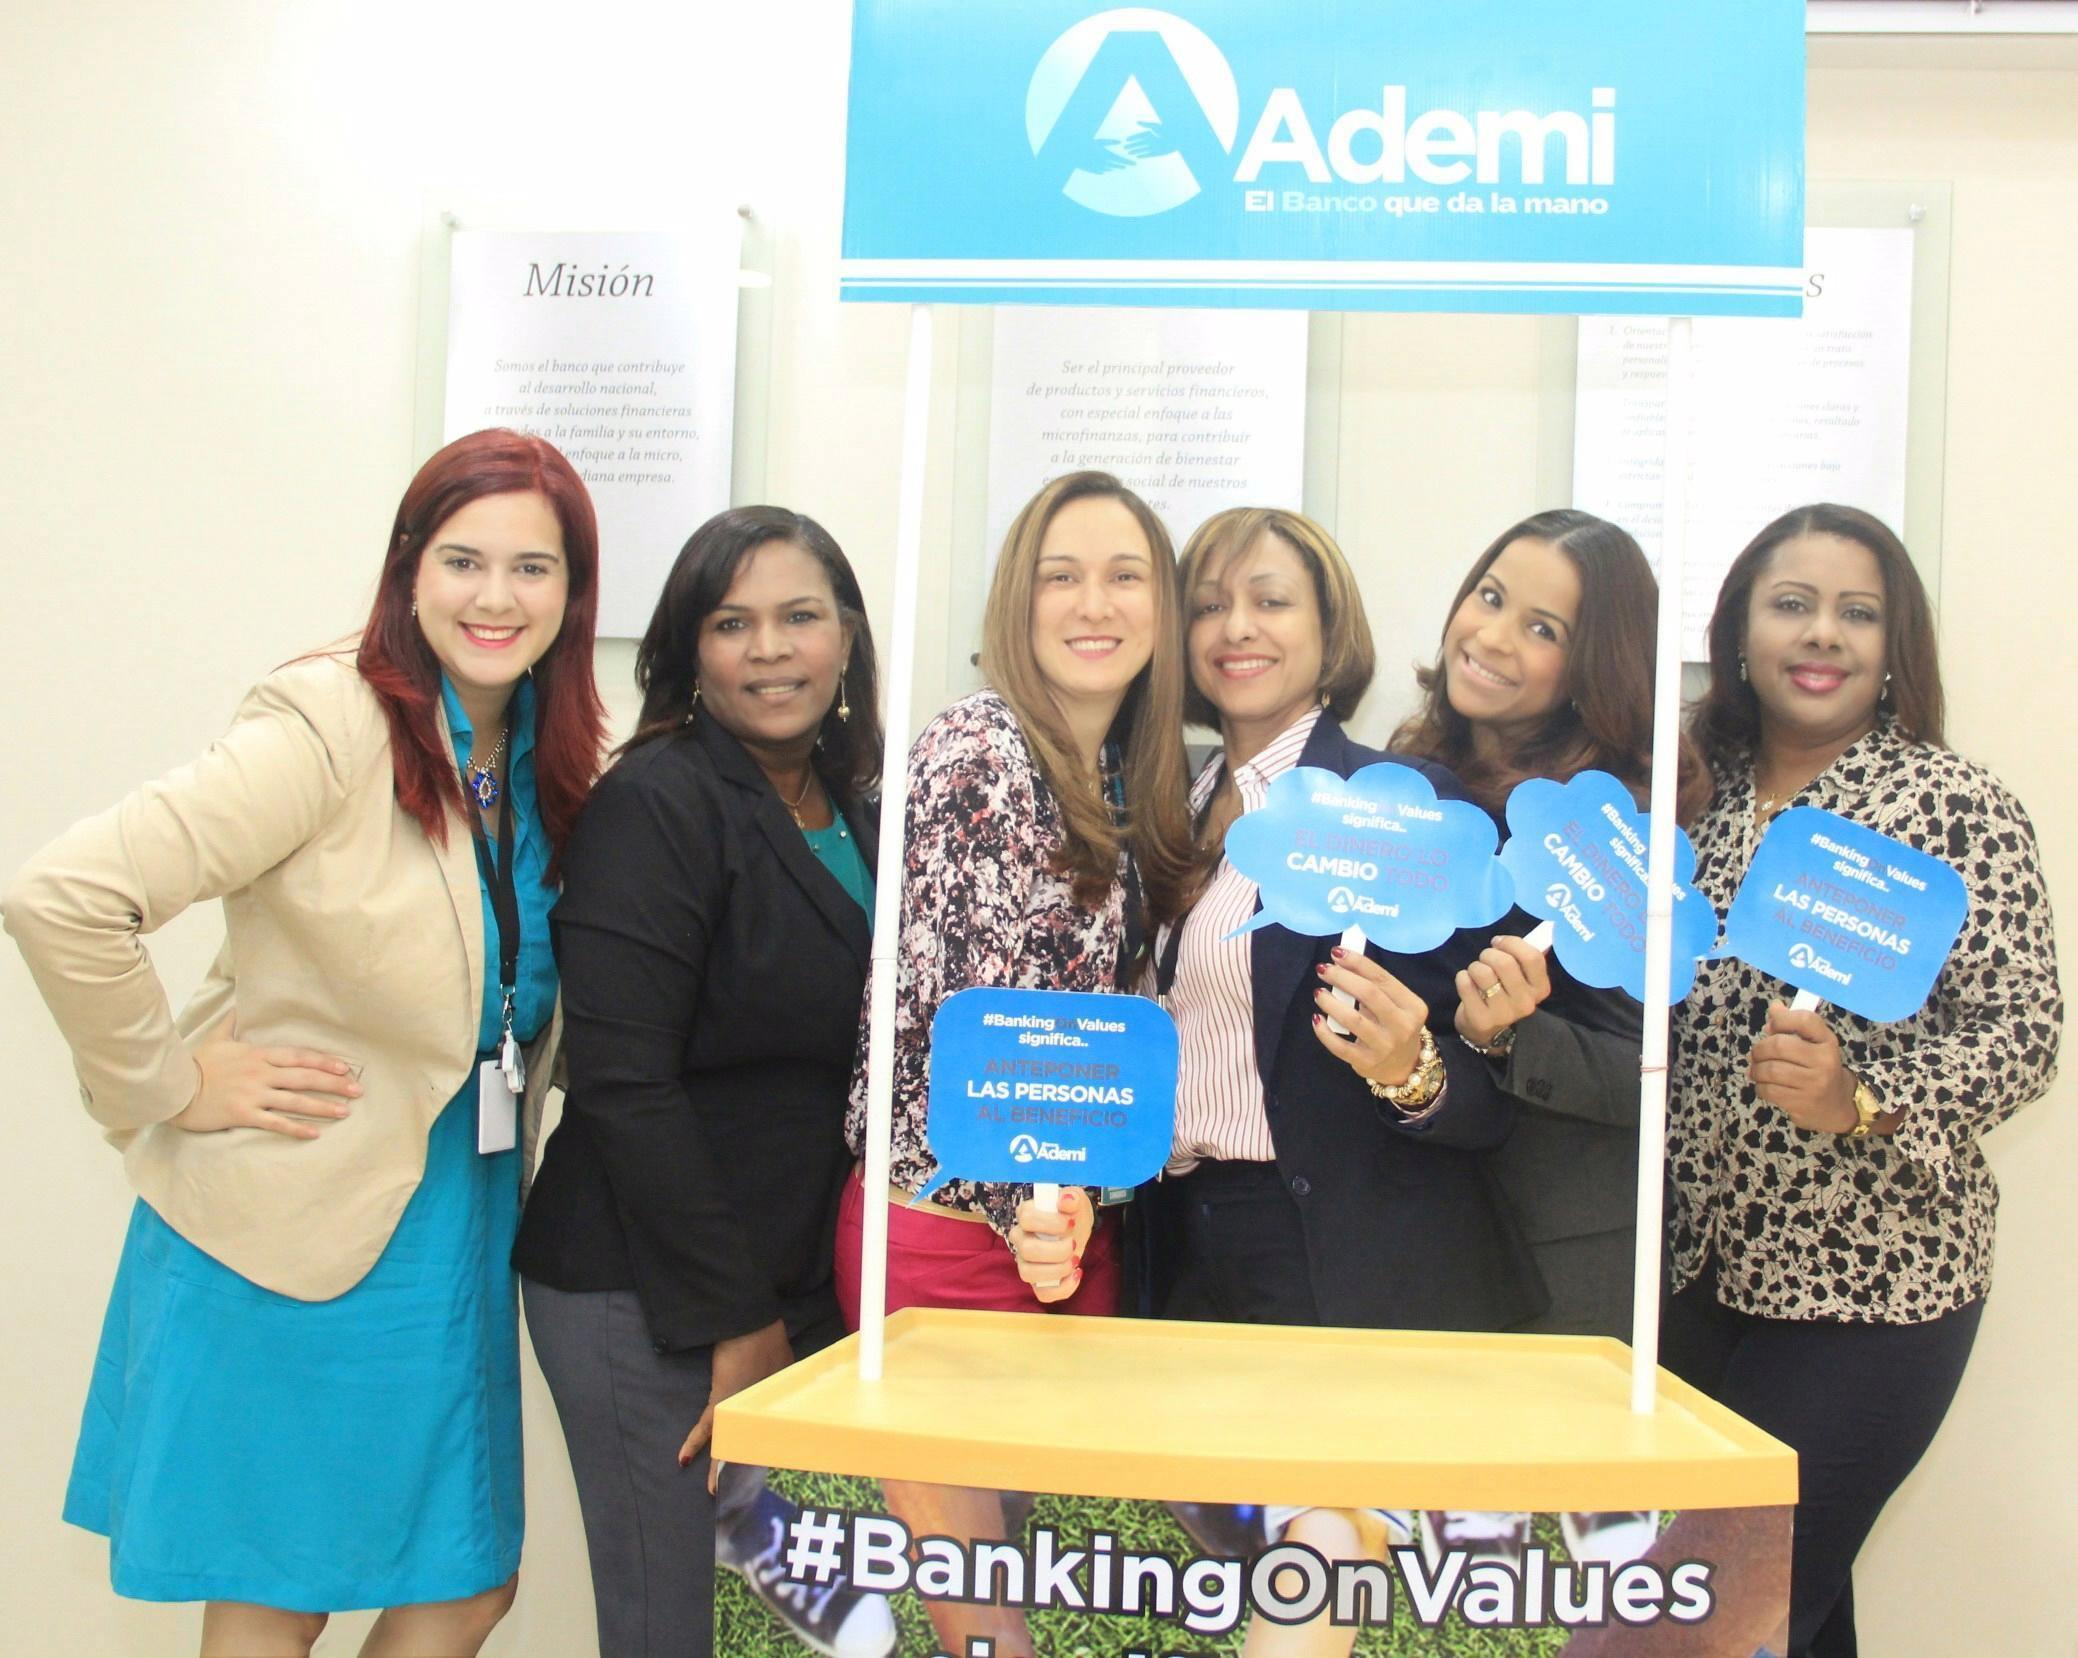 Banco Ademi conmemora día mundial banca con valores